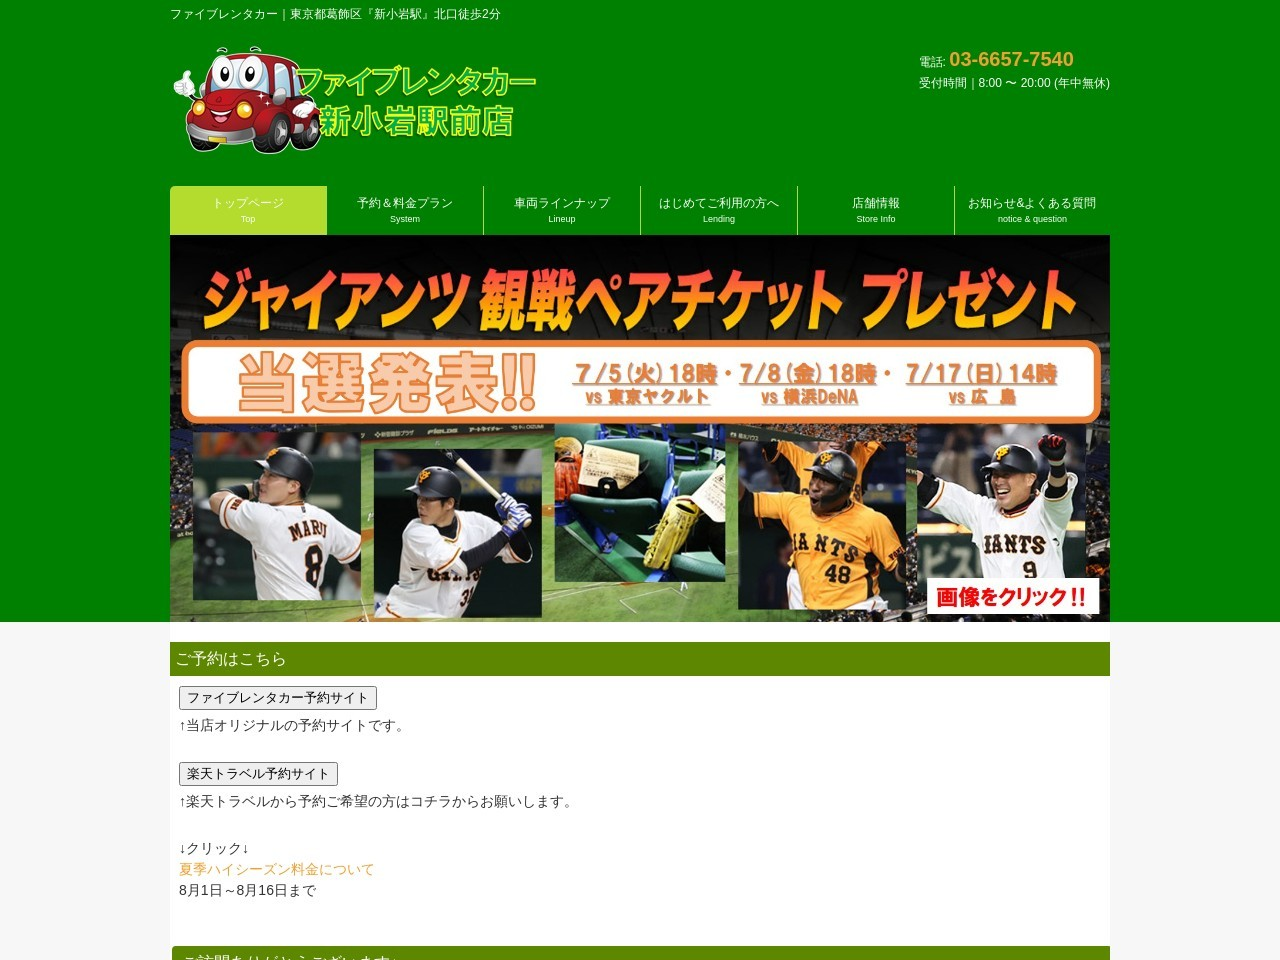 ファイブ・レンタカー新小岩駅前店